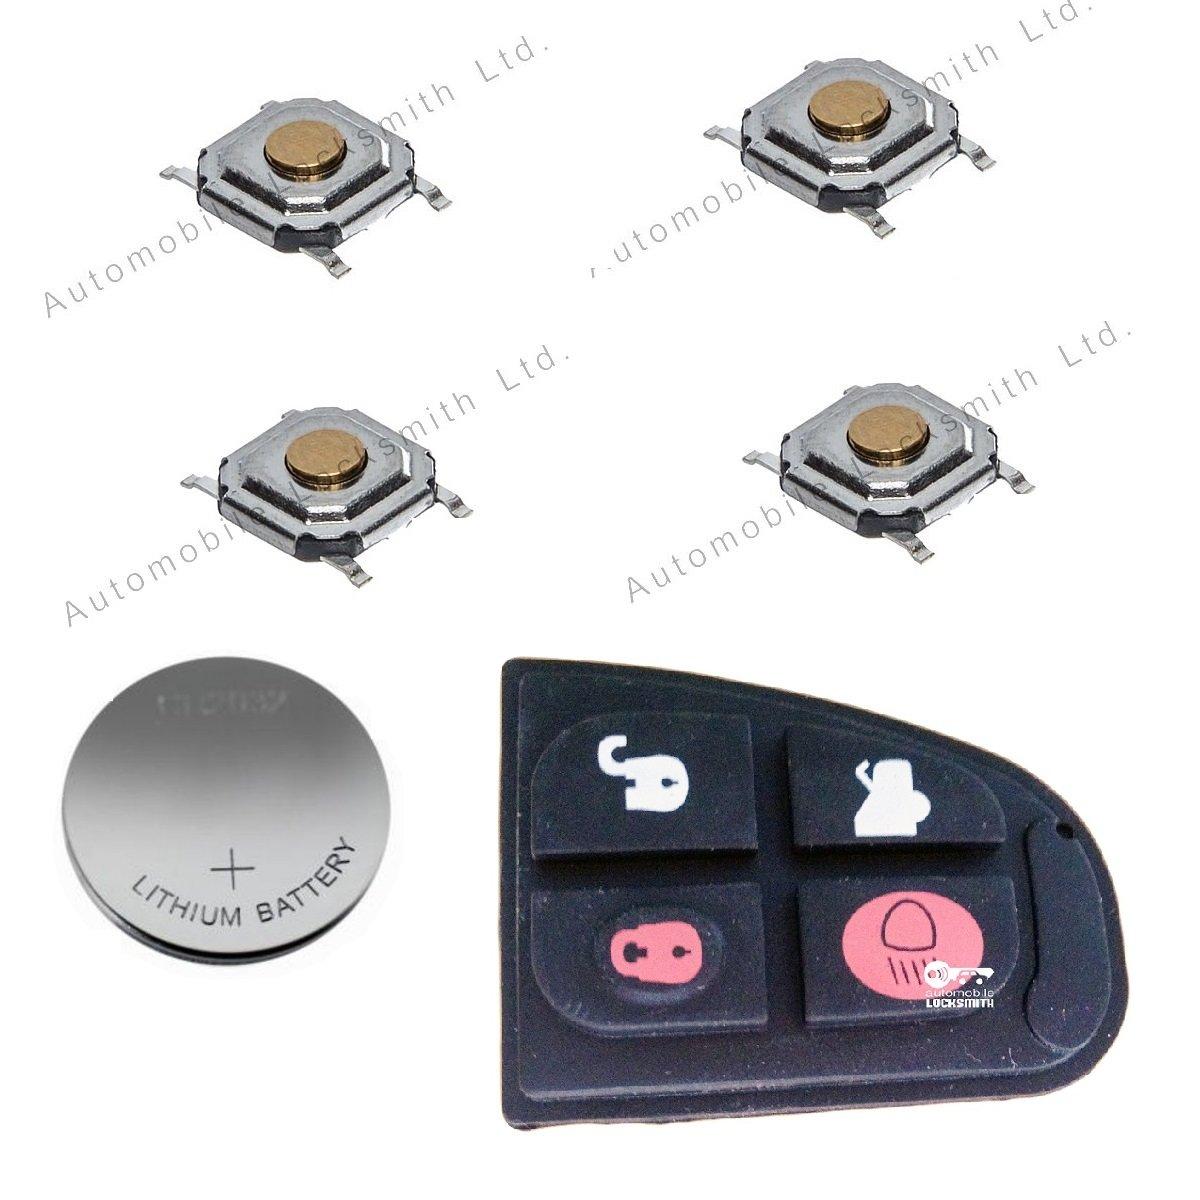 Automobile Locksmith Juego de reparaci/ón para Llave con 4 Botones Apto para Jaguar